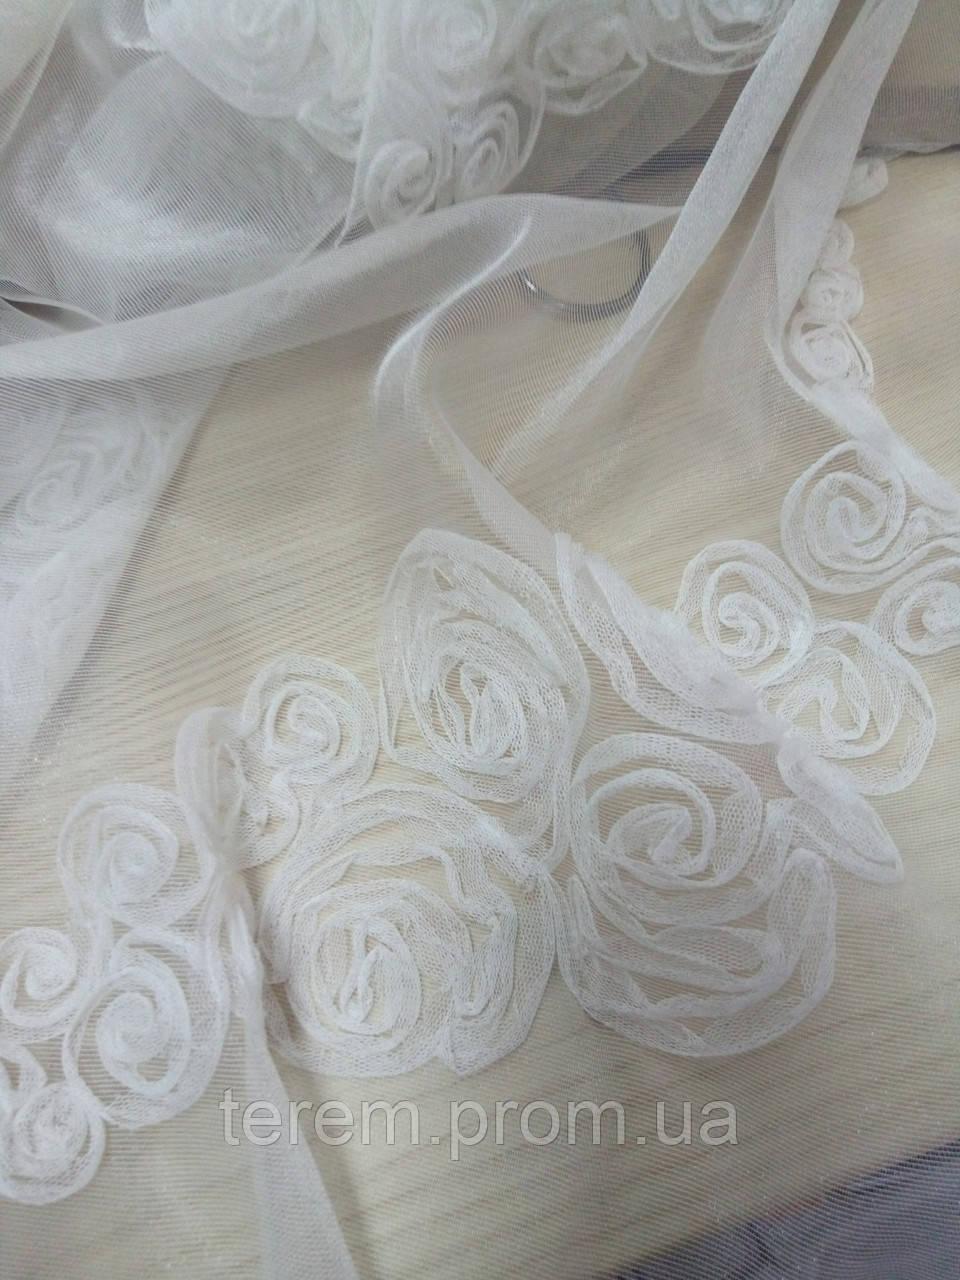 Тюль с аппликацией розы, 280 см, Турция